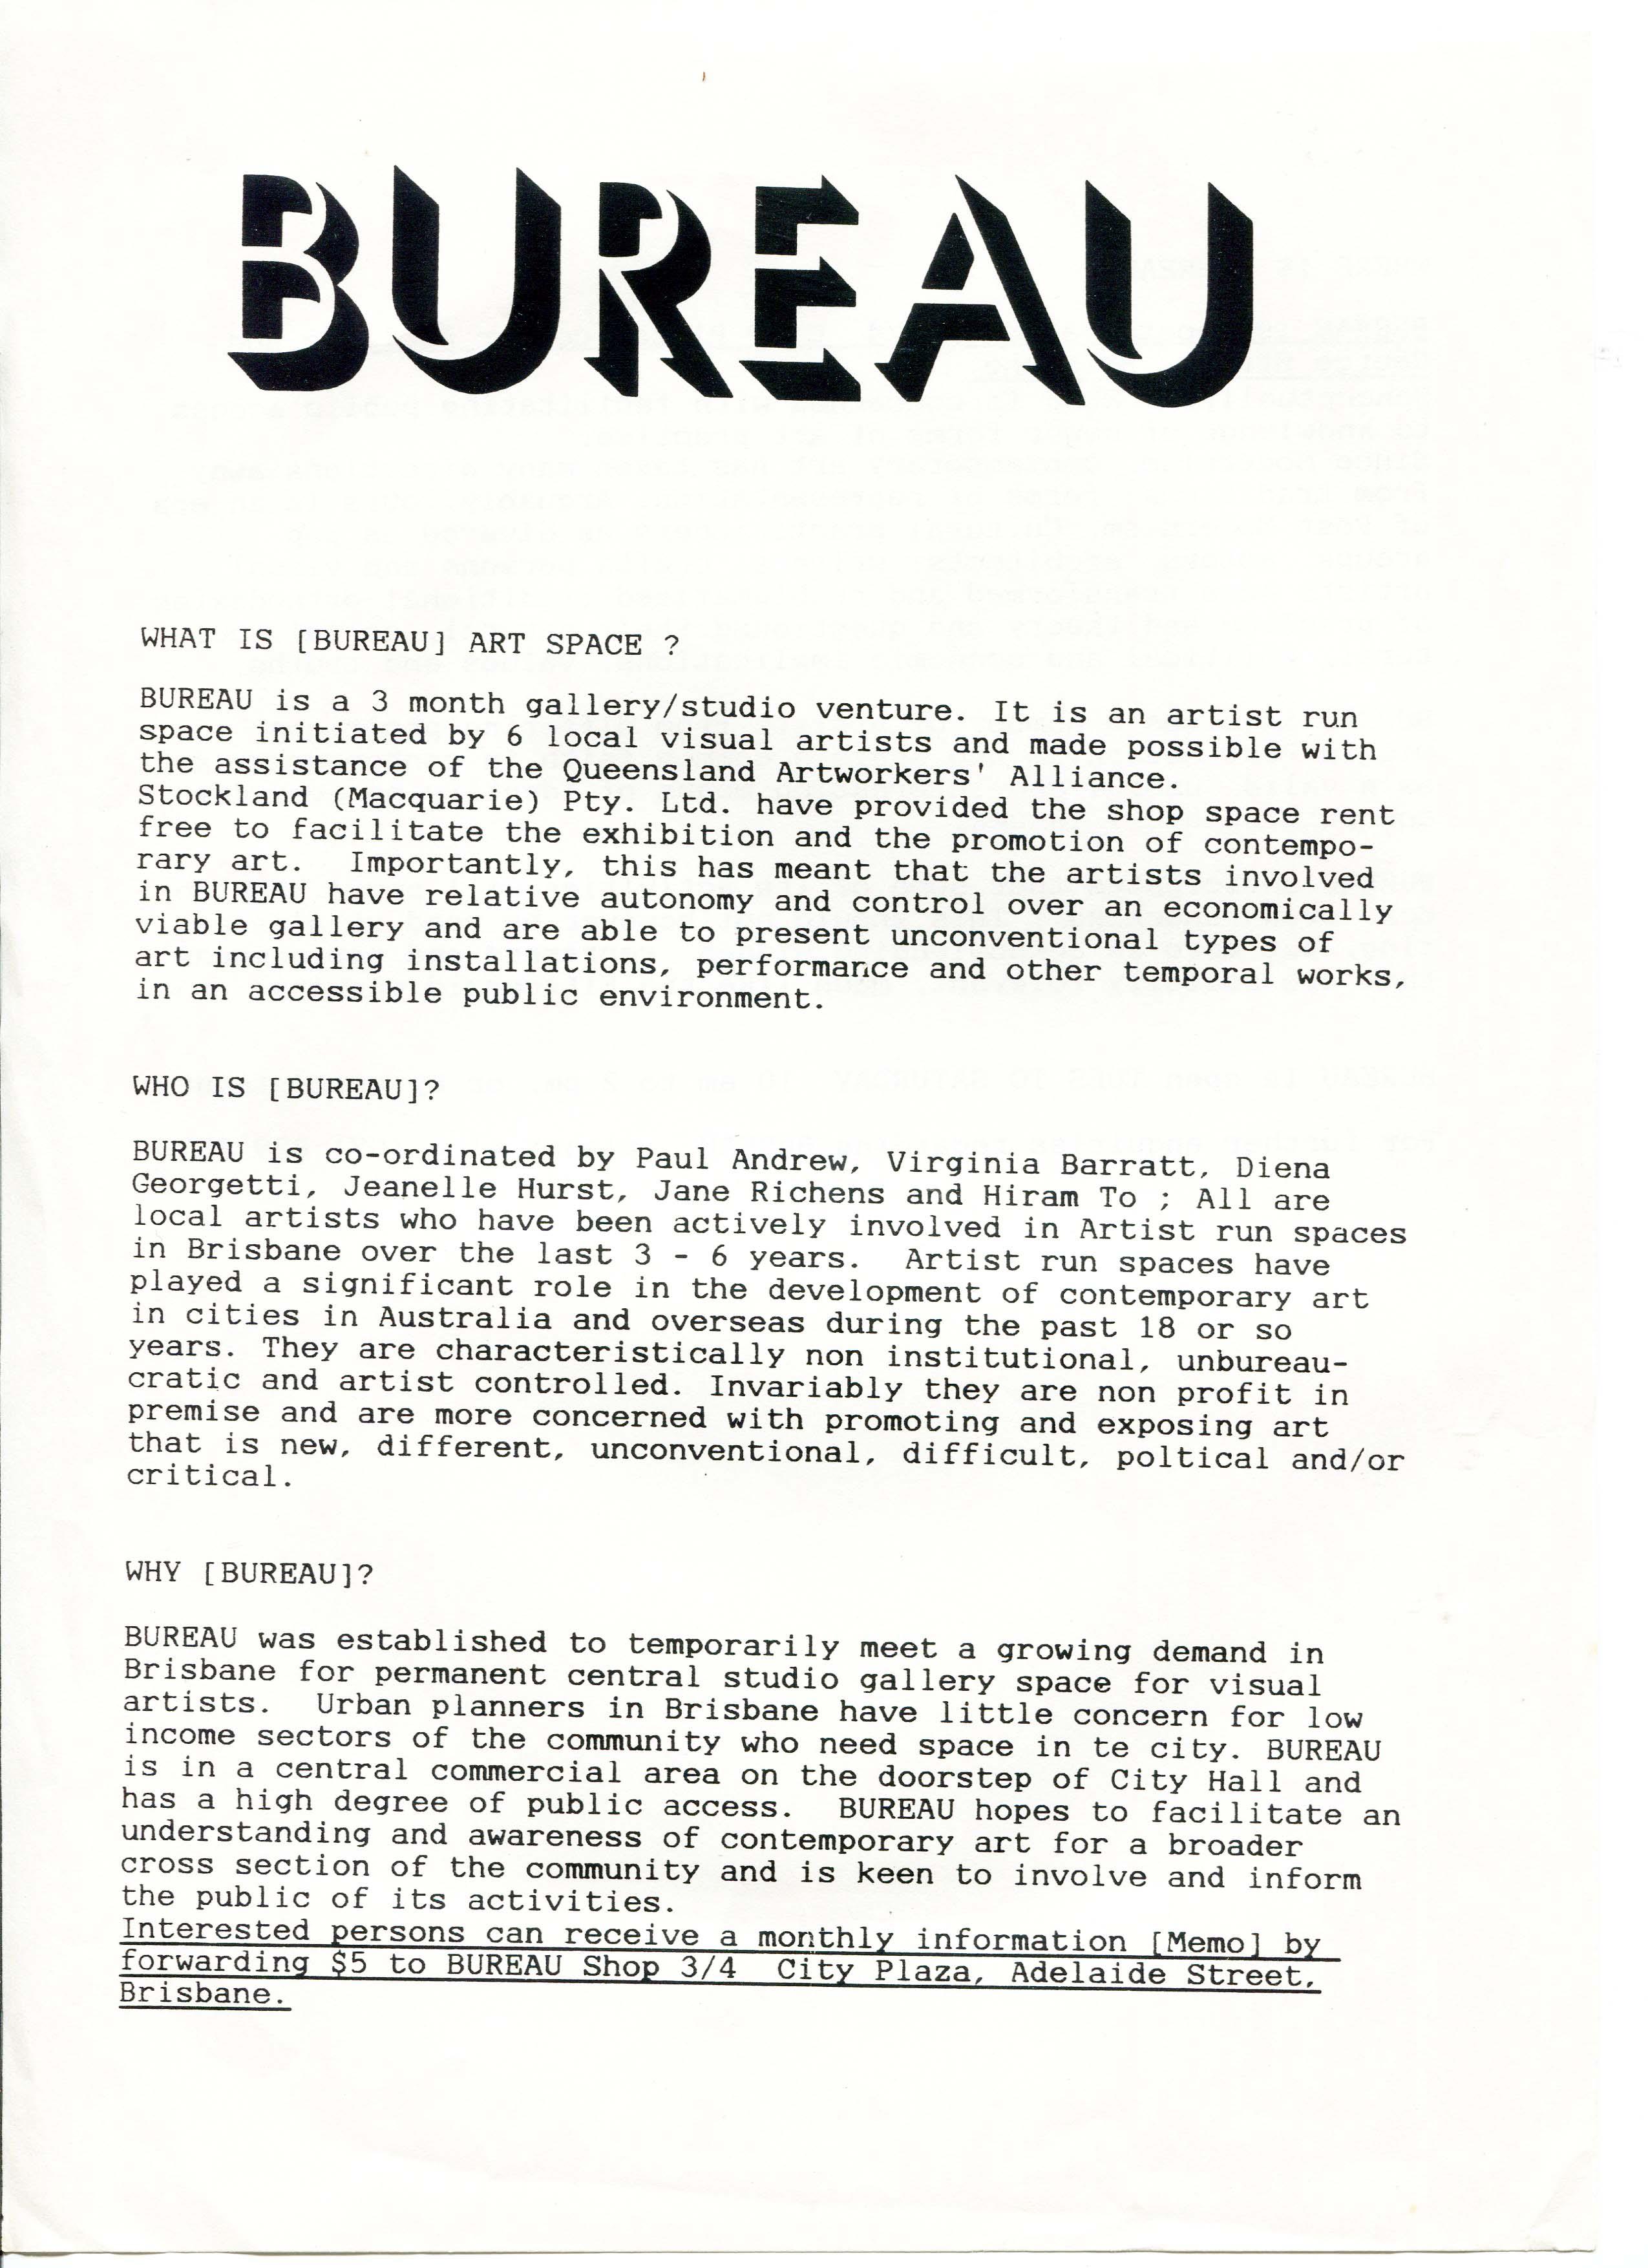 Bureau, Overview Page 1